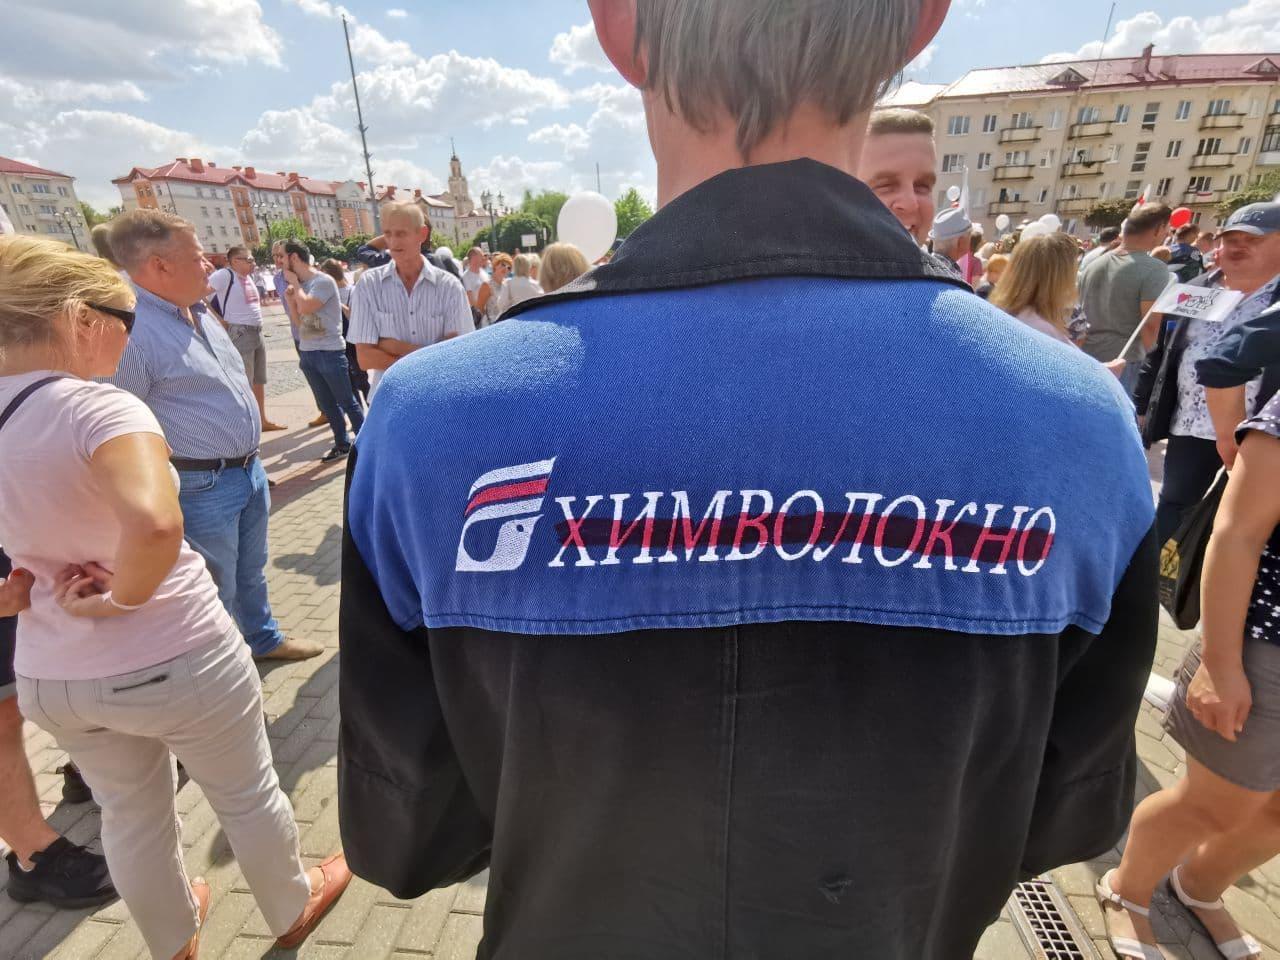 Артем Валери на одном из мирных митингов в Гродно в августе 2020 г. Фото: из архива героя / уволенные за стачку